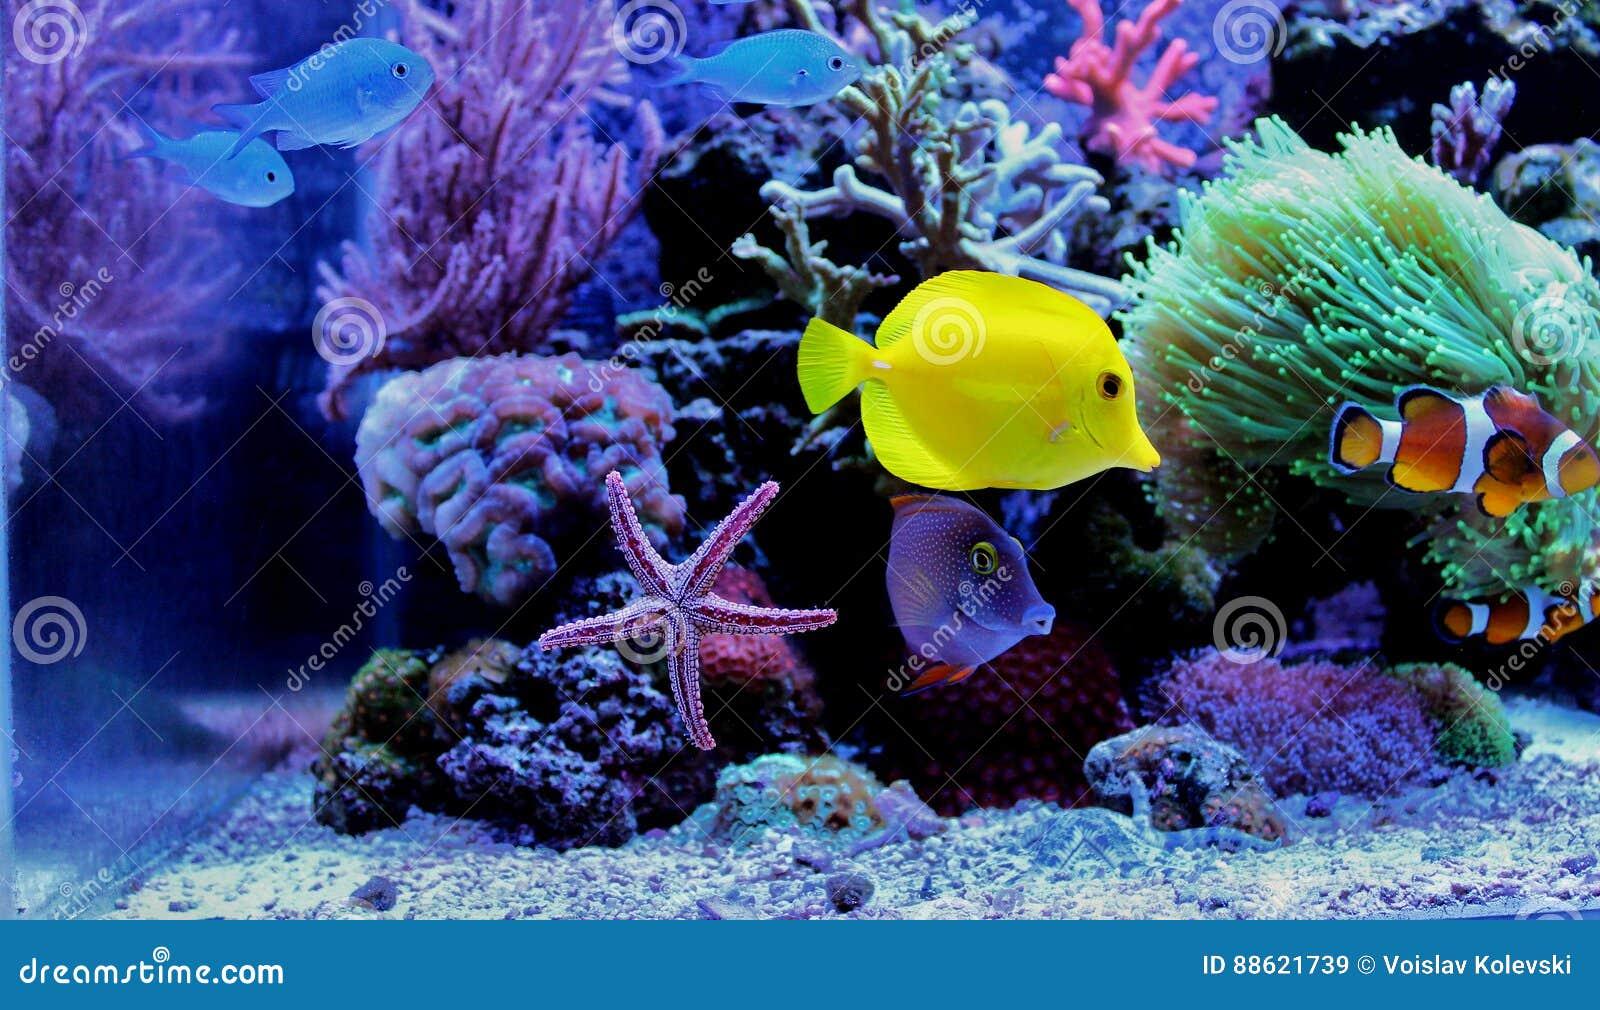 Marine Fish in Marine aquarium